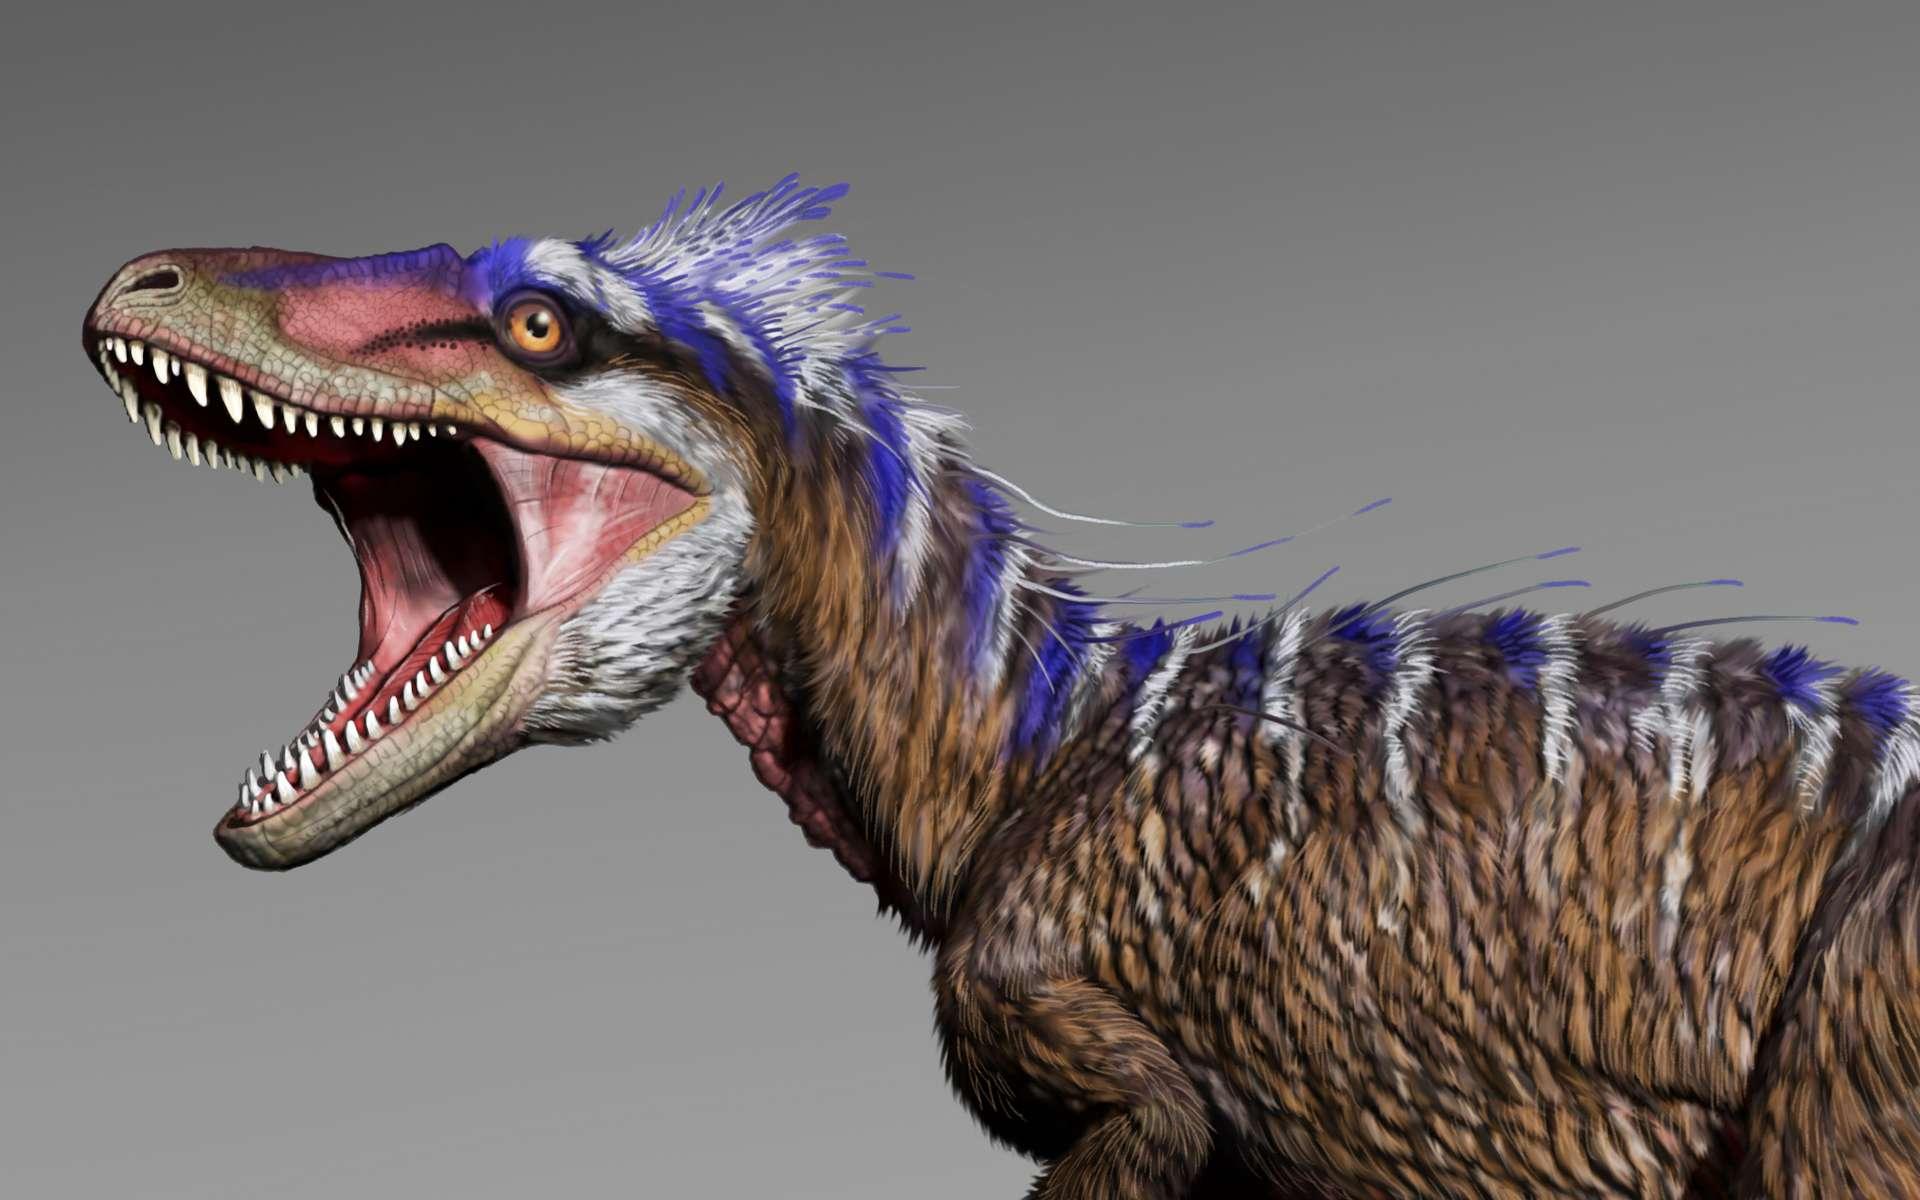 Moros intrepidus, le petit cousin du Tyrannosaurus rex, était beaucoup plus véloce que son aîné. © Jorge Gonzalez